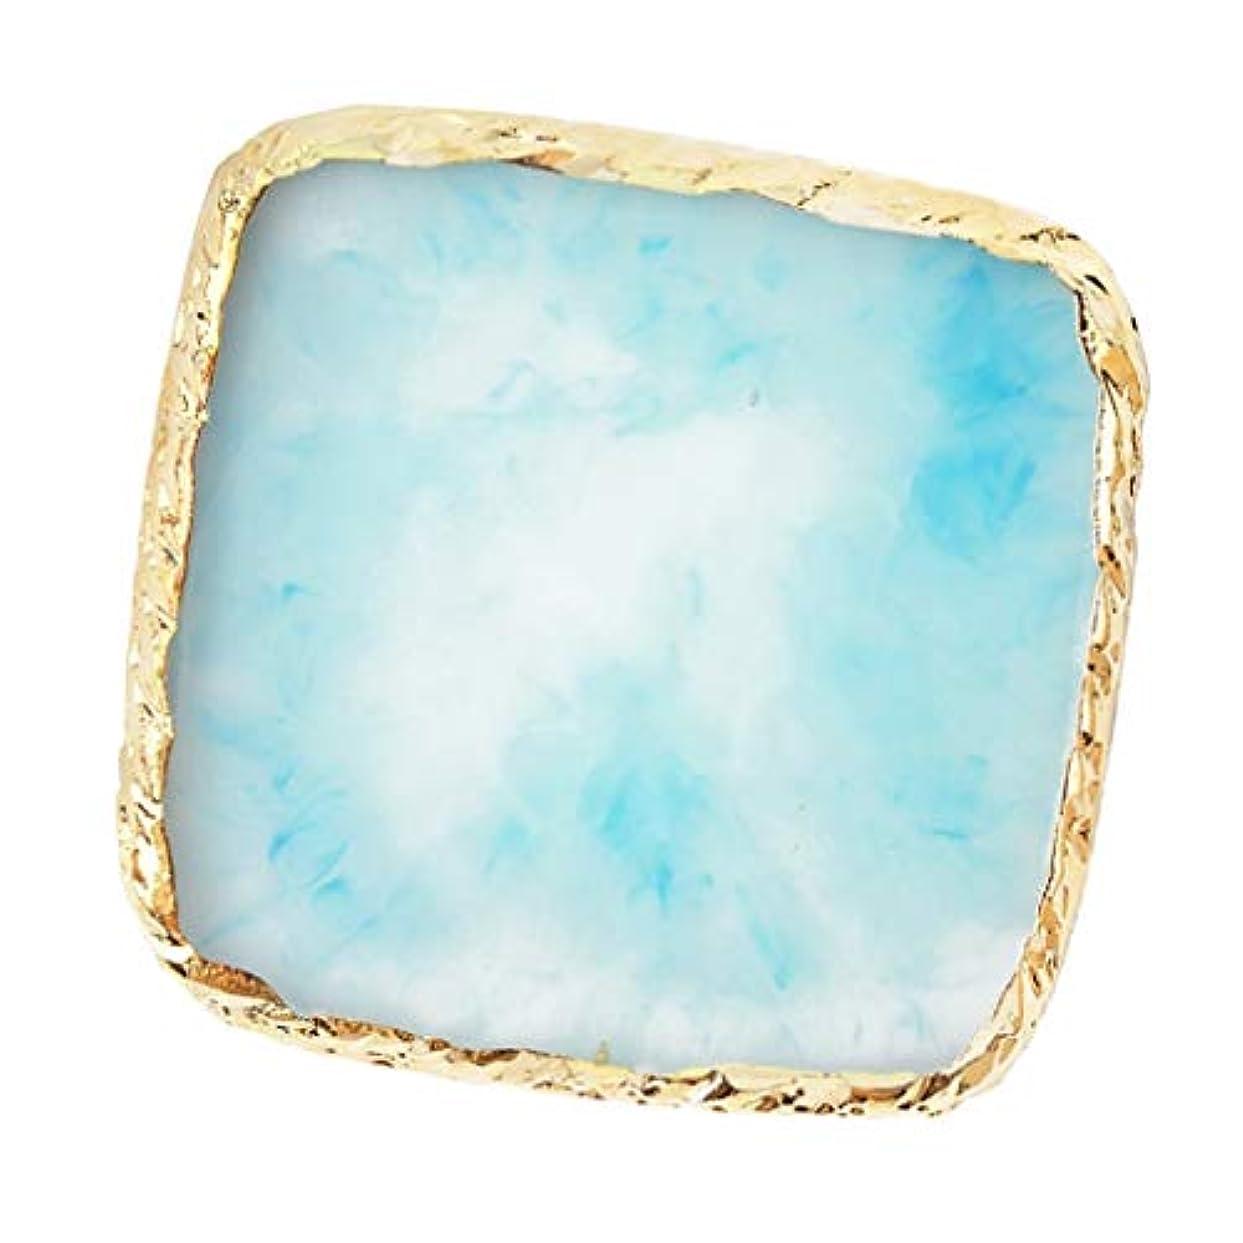 民間助けて上院議員IPOTCH ネイルアート カラーブレンド ミキシングパレット 樹脂製 6色選べ - 青